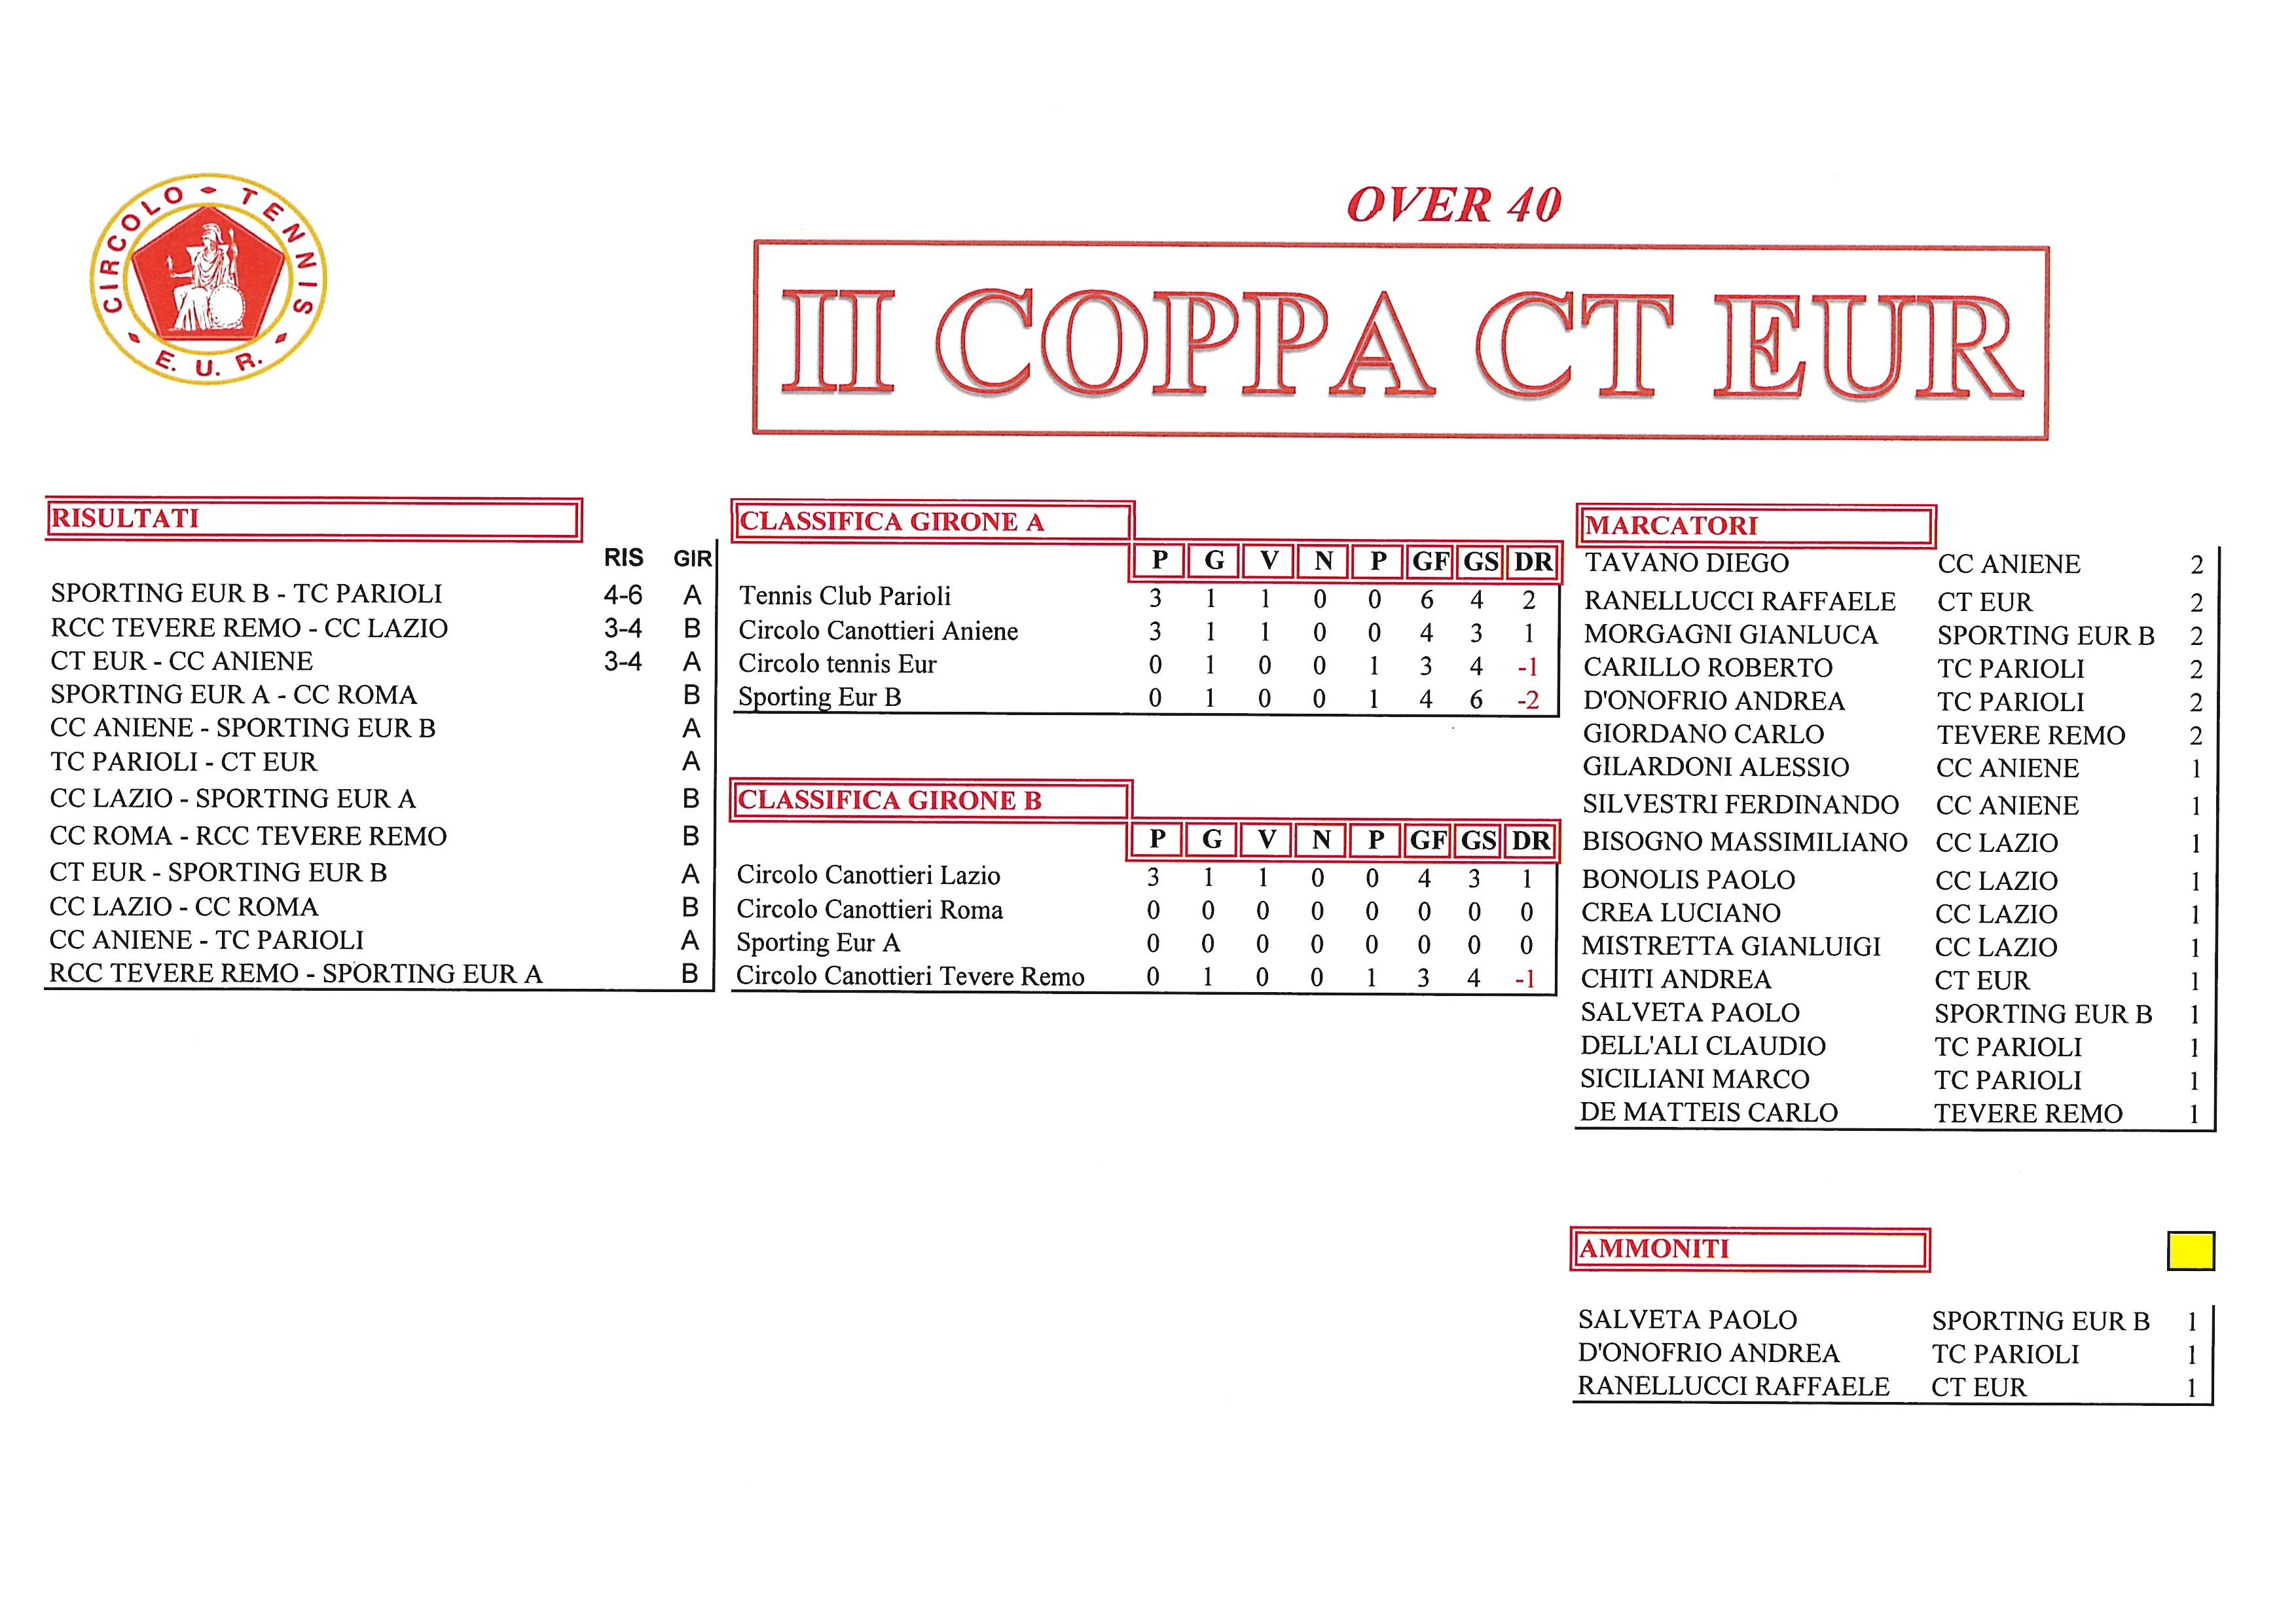 Coppa-CT-Eur-risultati-del-25-settembre2017-Over-40